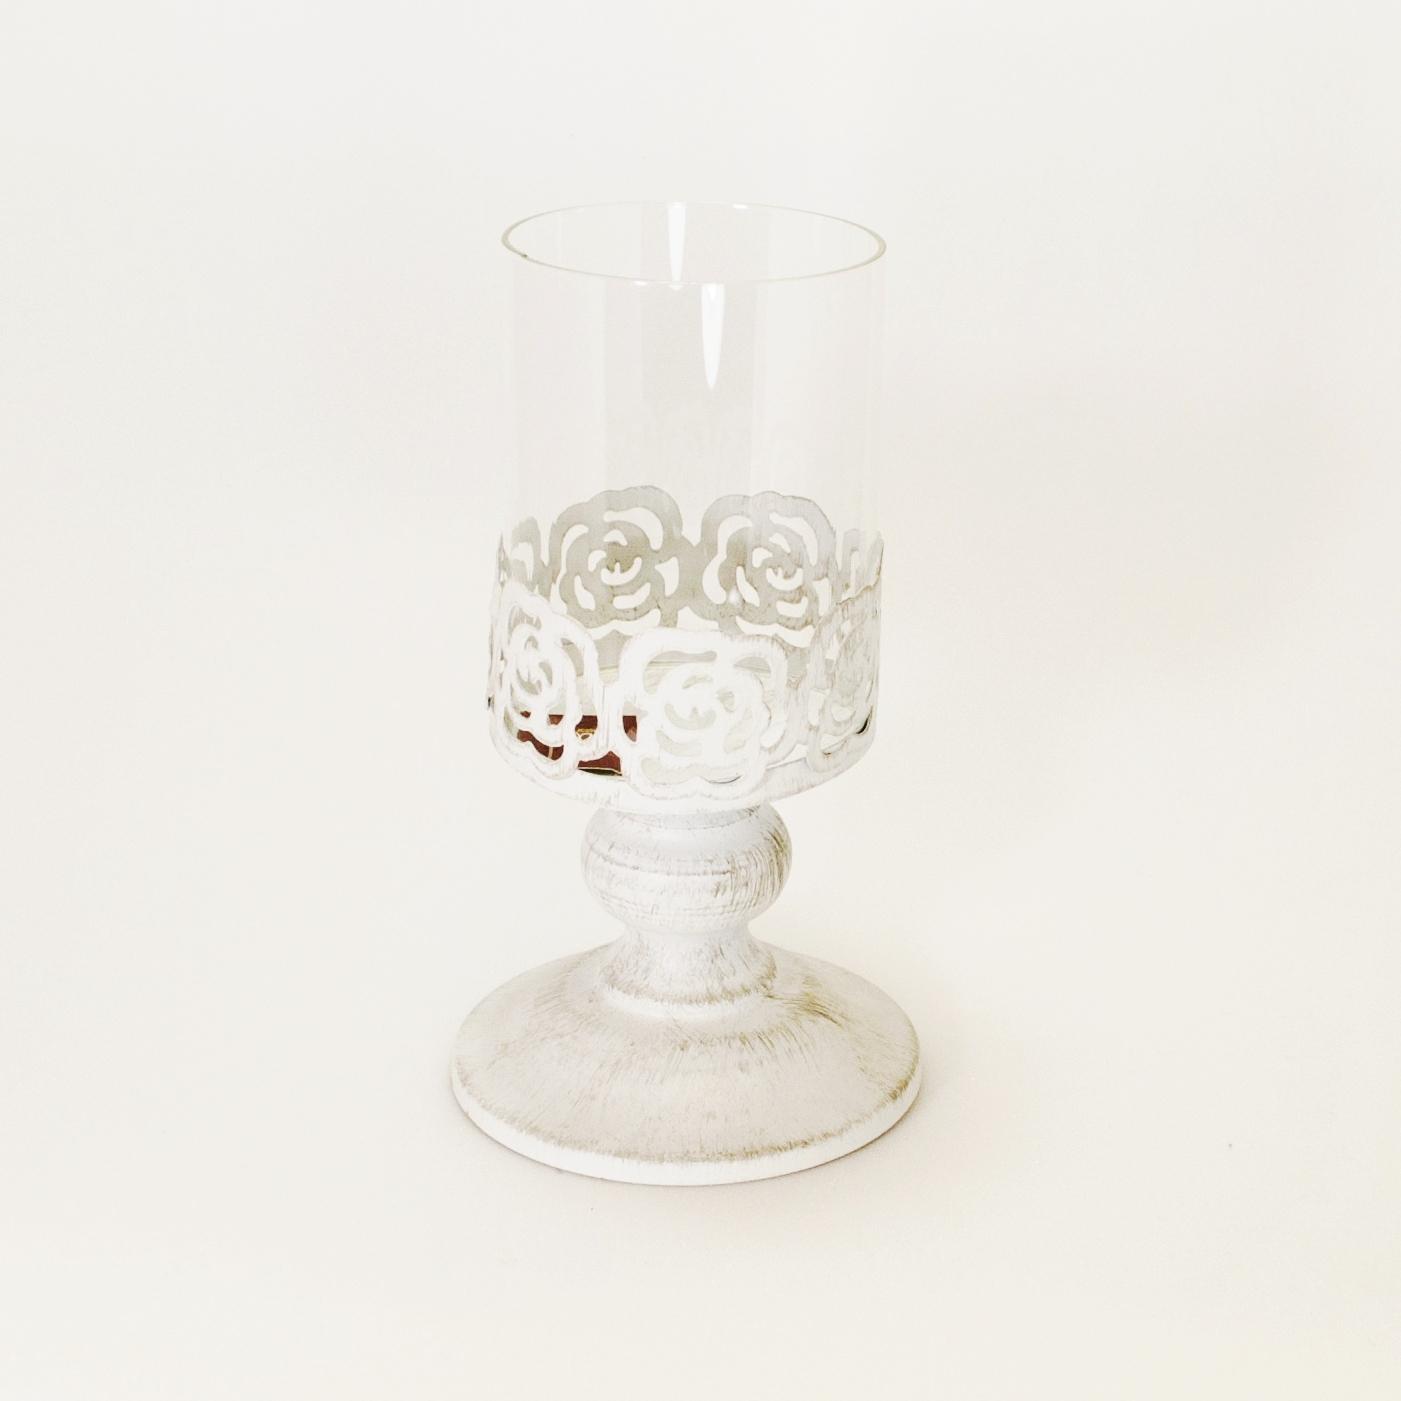 Dekoratief Подсвечник маленький со стеклом (Мебель и предметы интерьера)